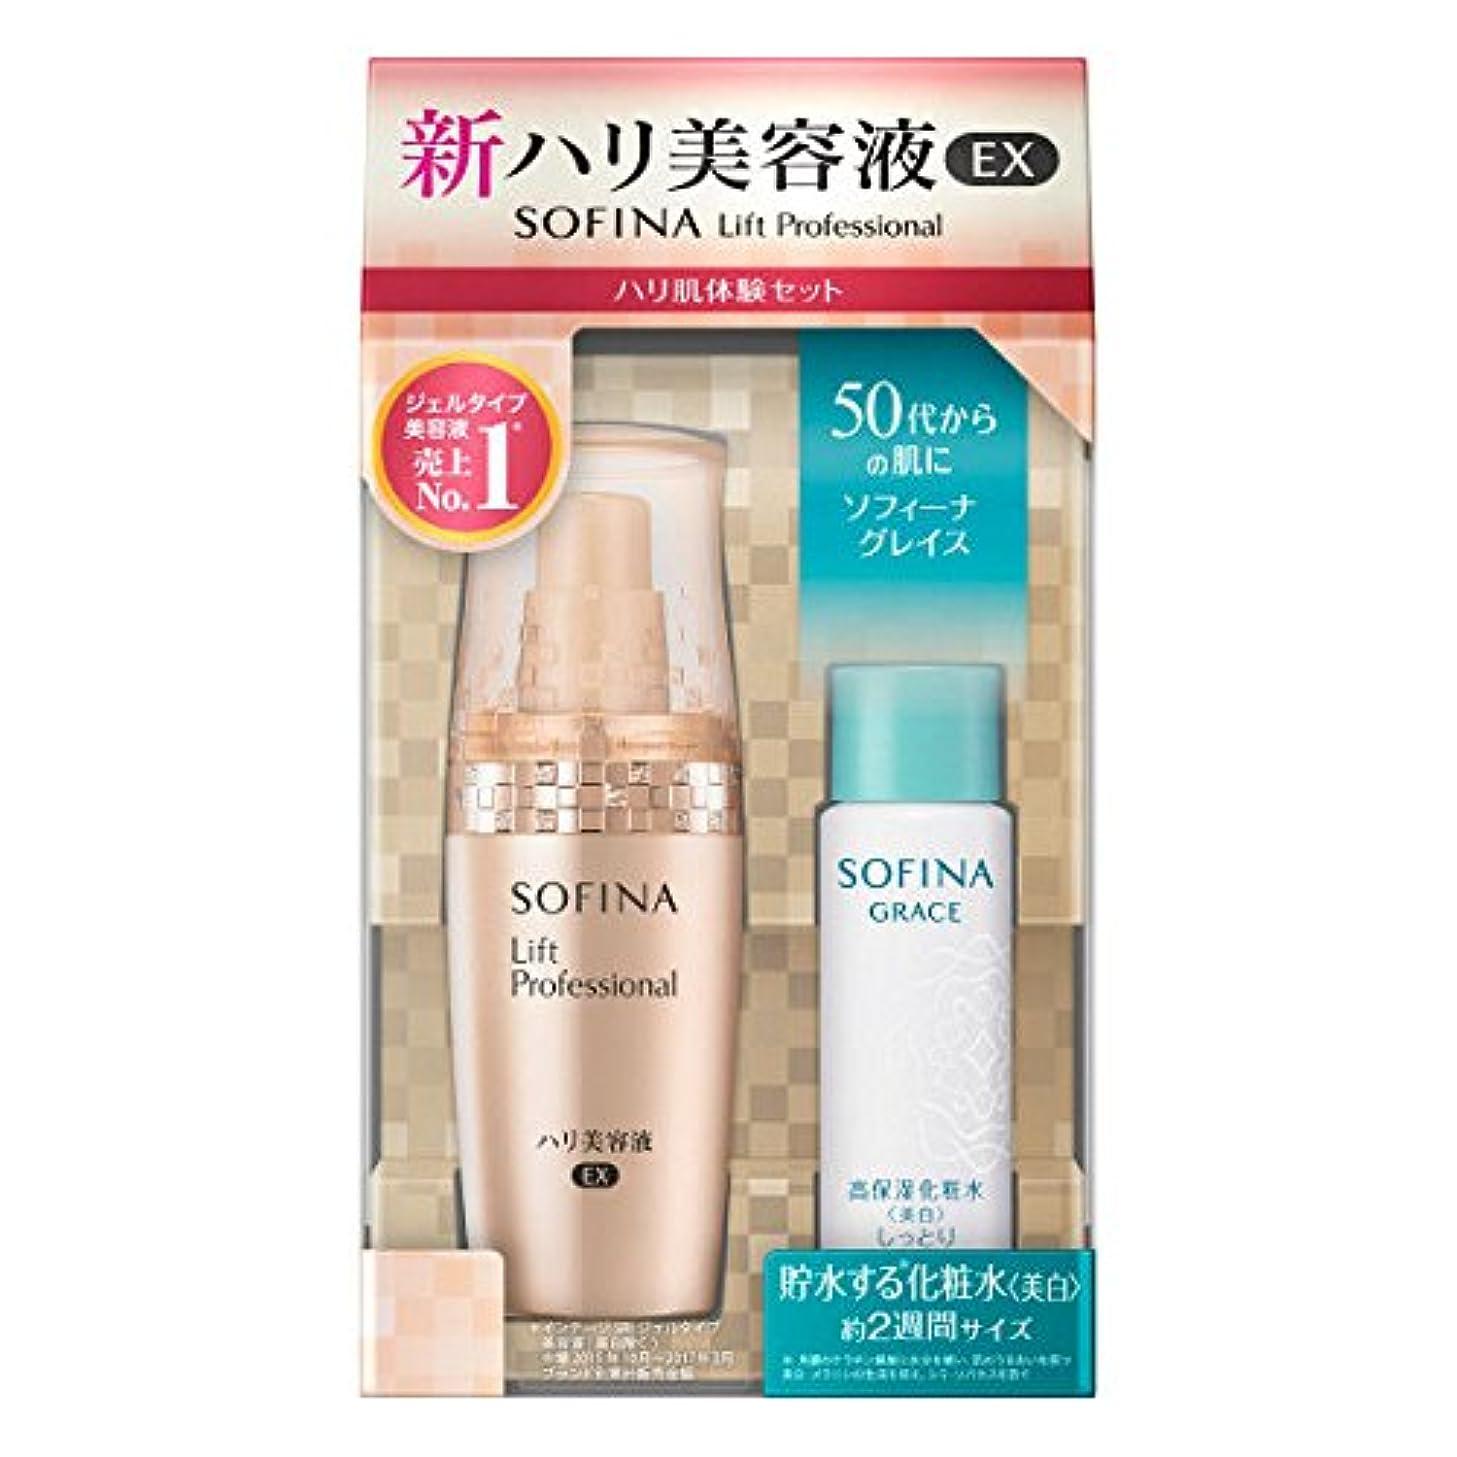 絶えず手段かんがいSOFINA(ソフィーナ) リフトプロフェッショナル ハリ美容液 40g + ソフィーナグレイス高保湿化粧水 30mL 付き